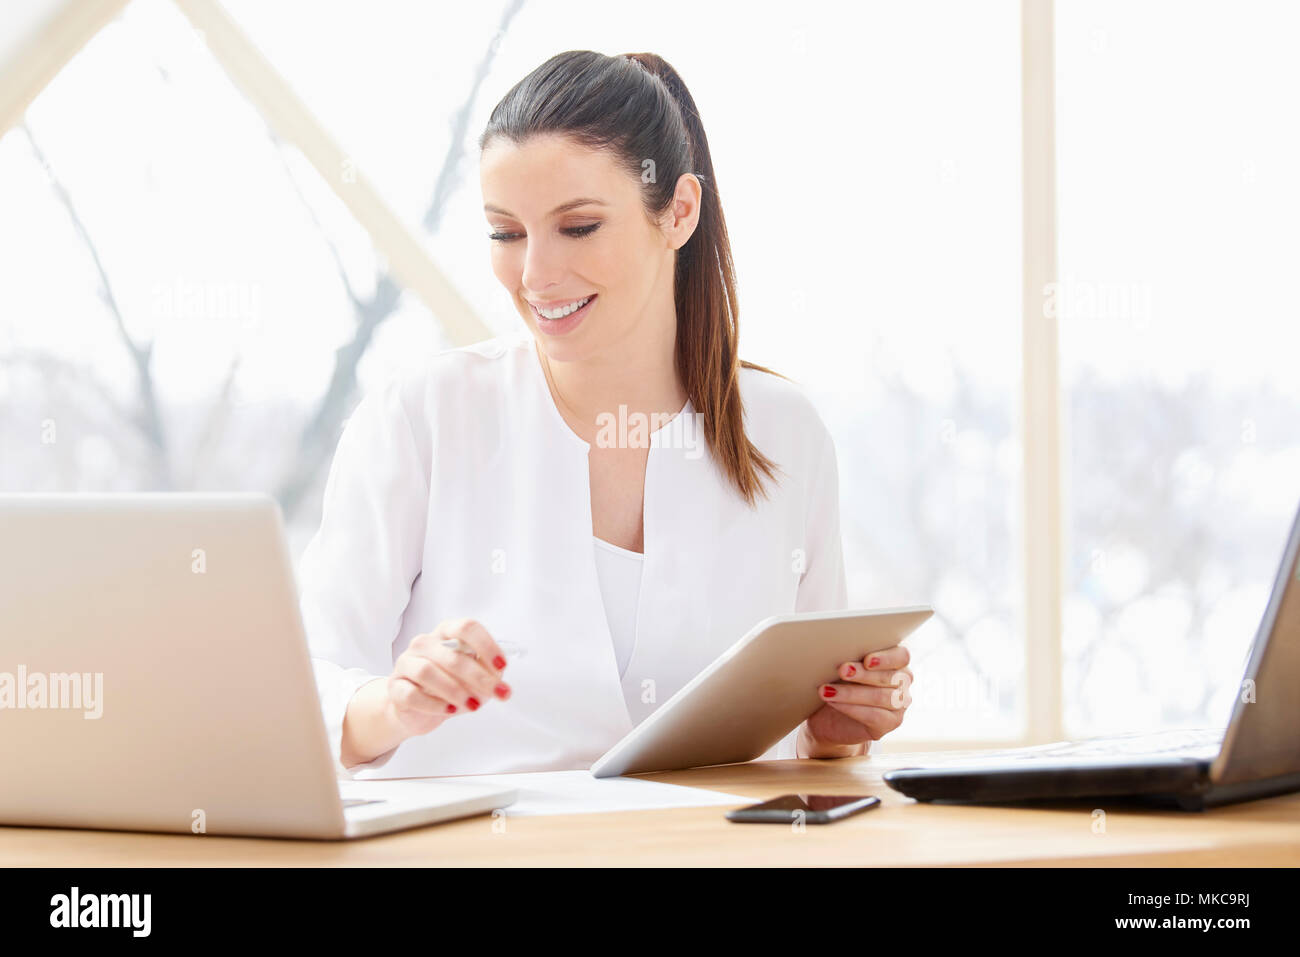 Retrato de atractivo joven empresaria mediante digital tablet y ordenador en la oficina. Imagen De Stock